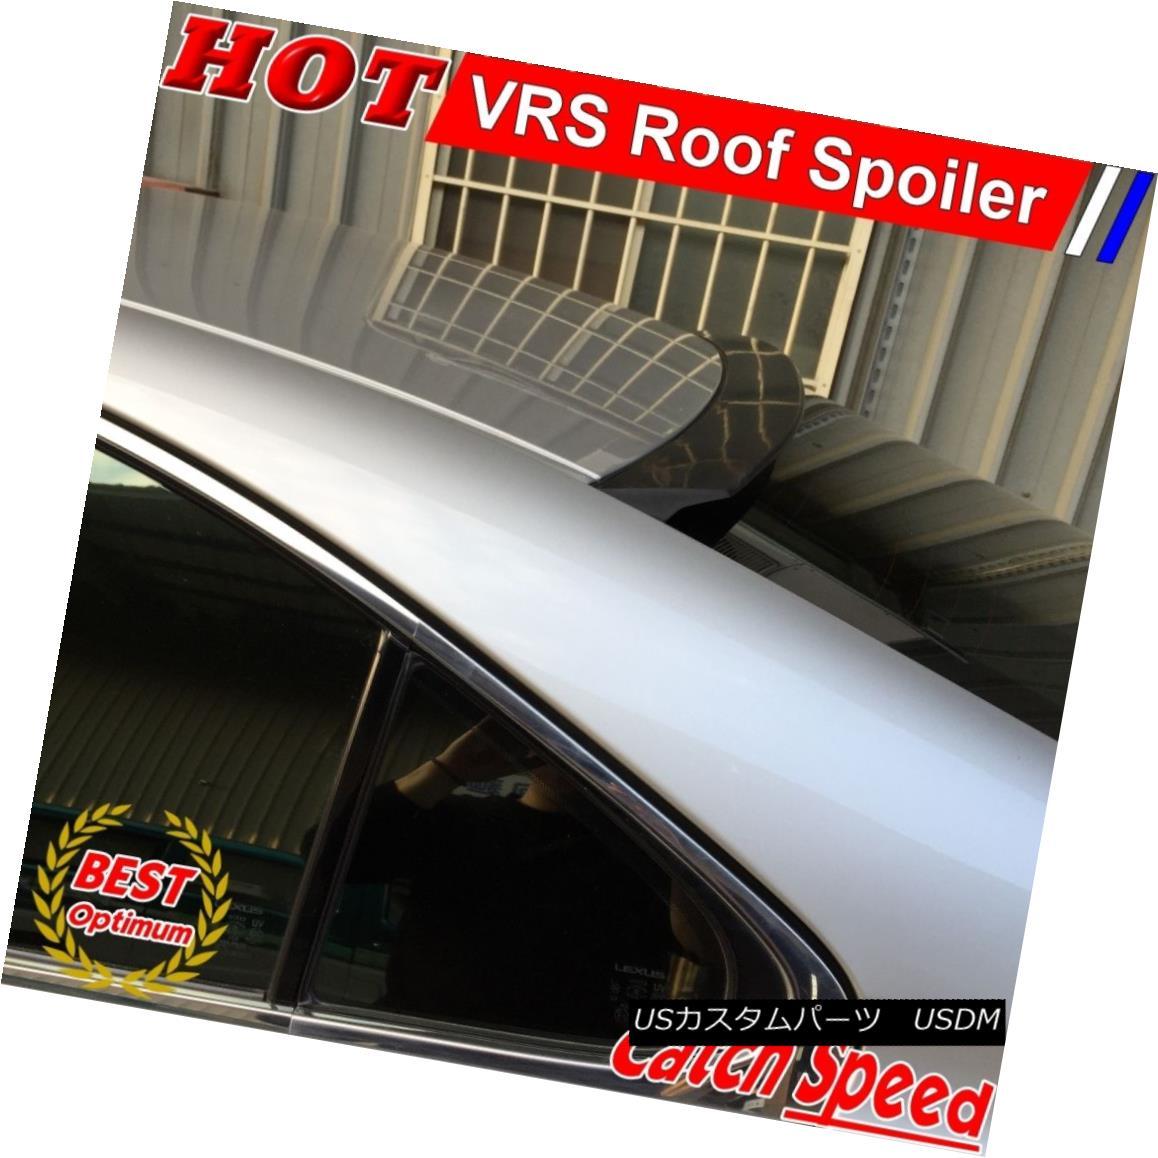 エアロパーツ Flat Black VRS Style Rear Roof Spoiler Wing For Ford FOCUS SEDAN 2008-2010 EUR Ford FEDUS SEDAN 2008-2010 EUR用フラットブラックVRSスタイルリアルーフスポイラーウイング